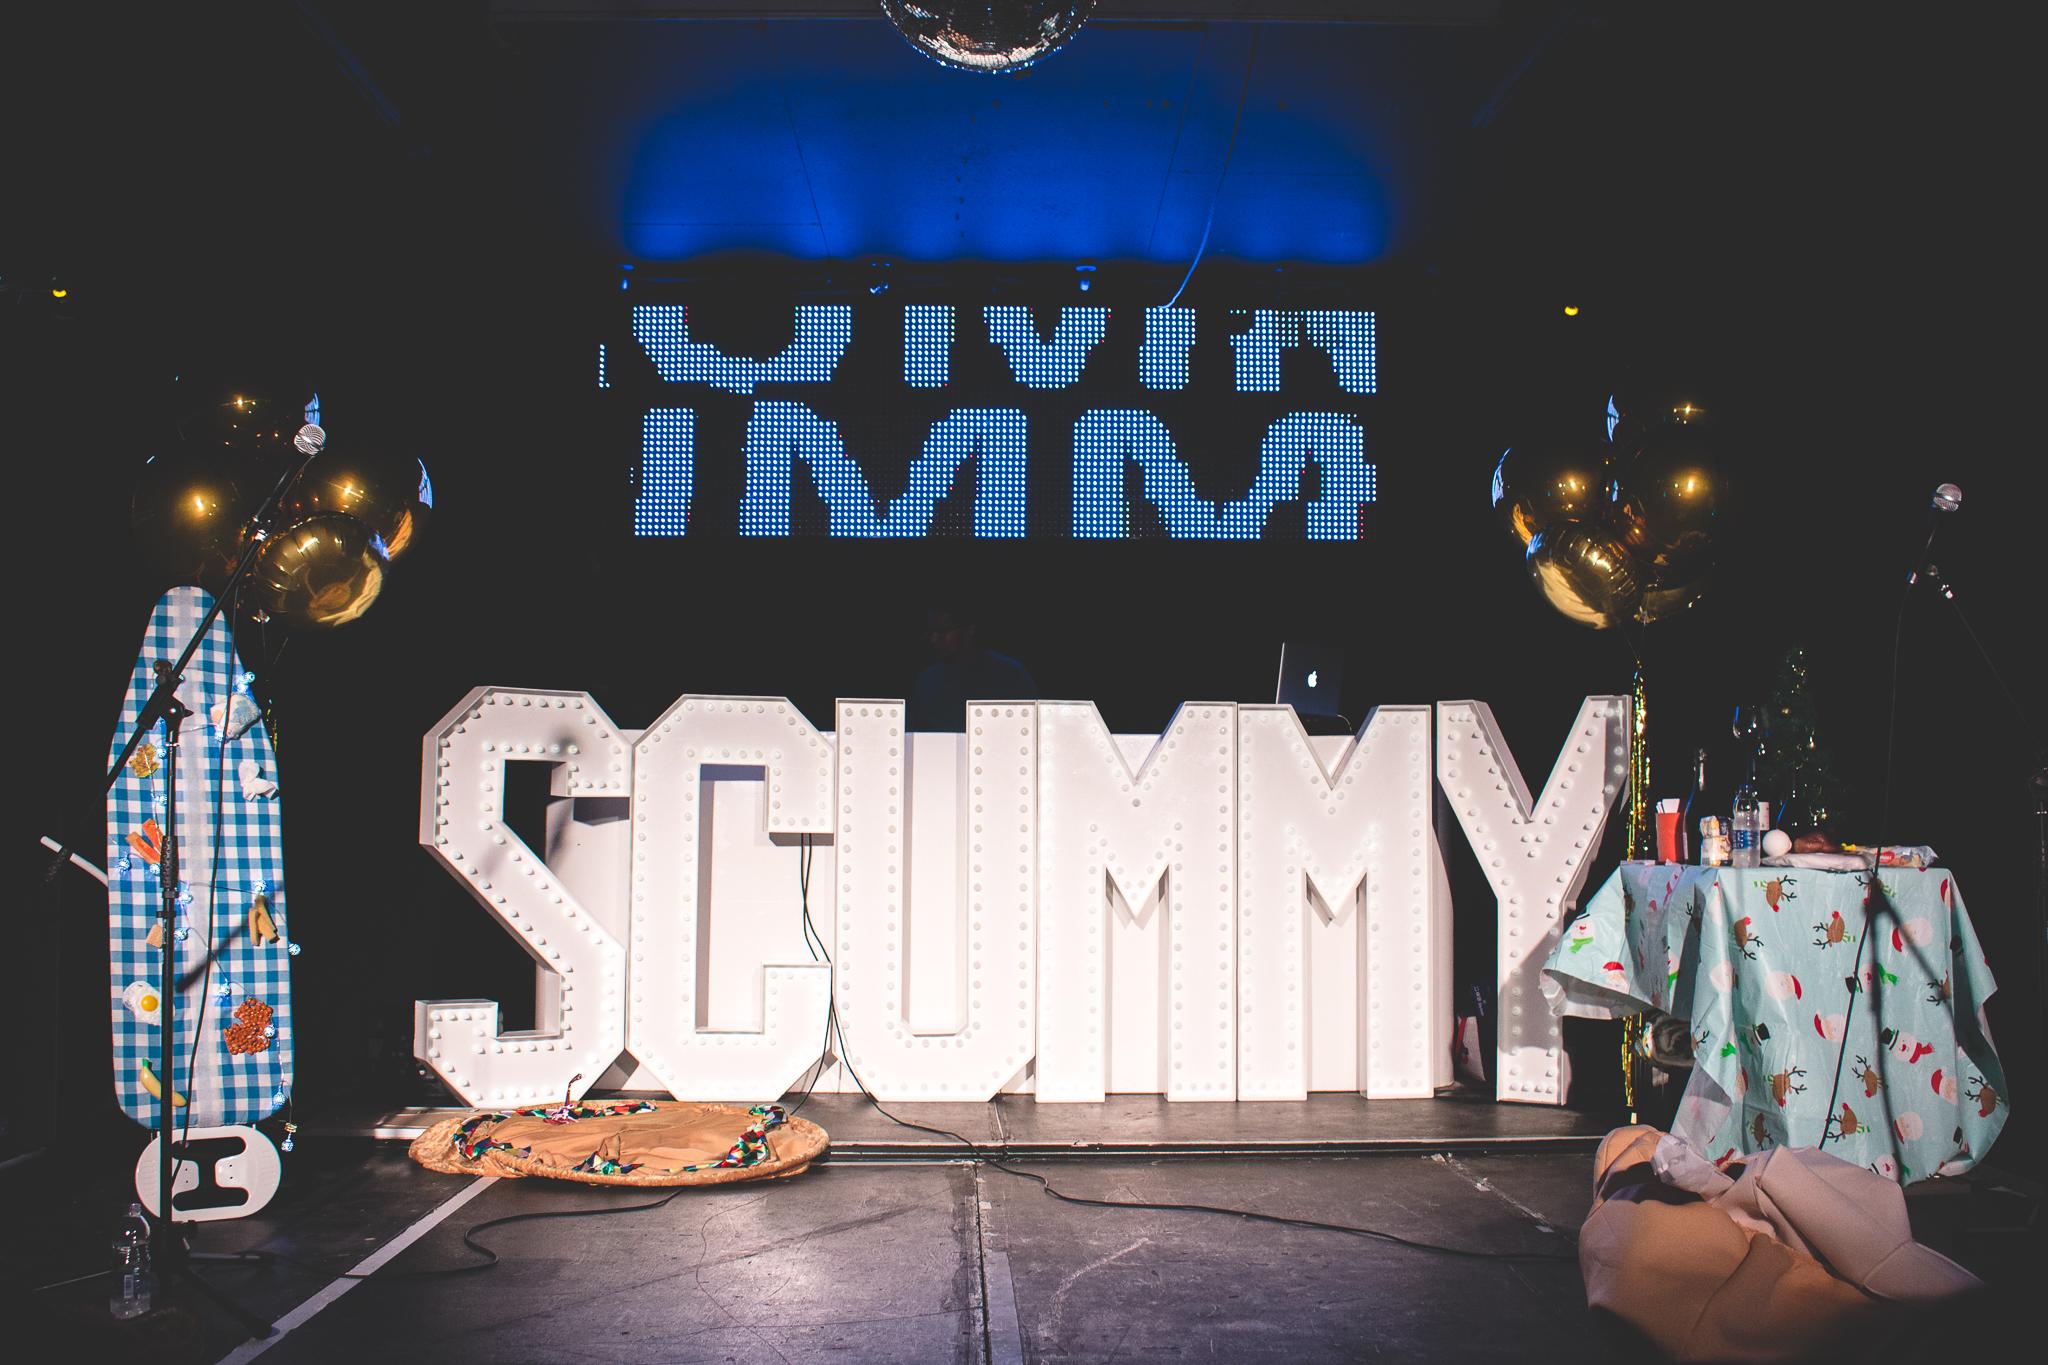 scummy-mummies-mums-the-word-5.jpg